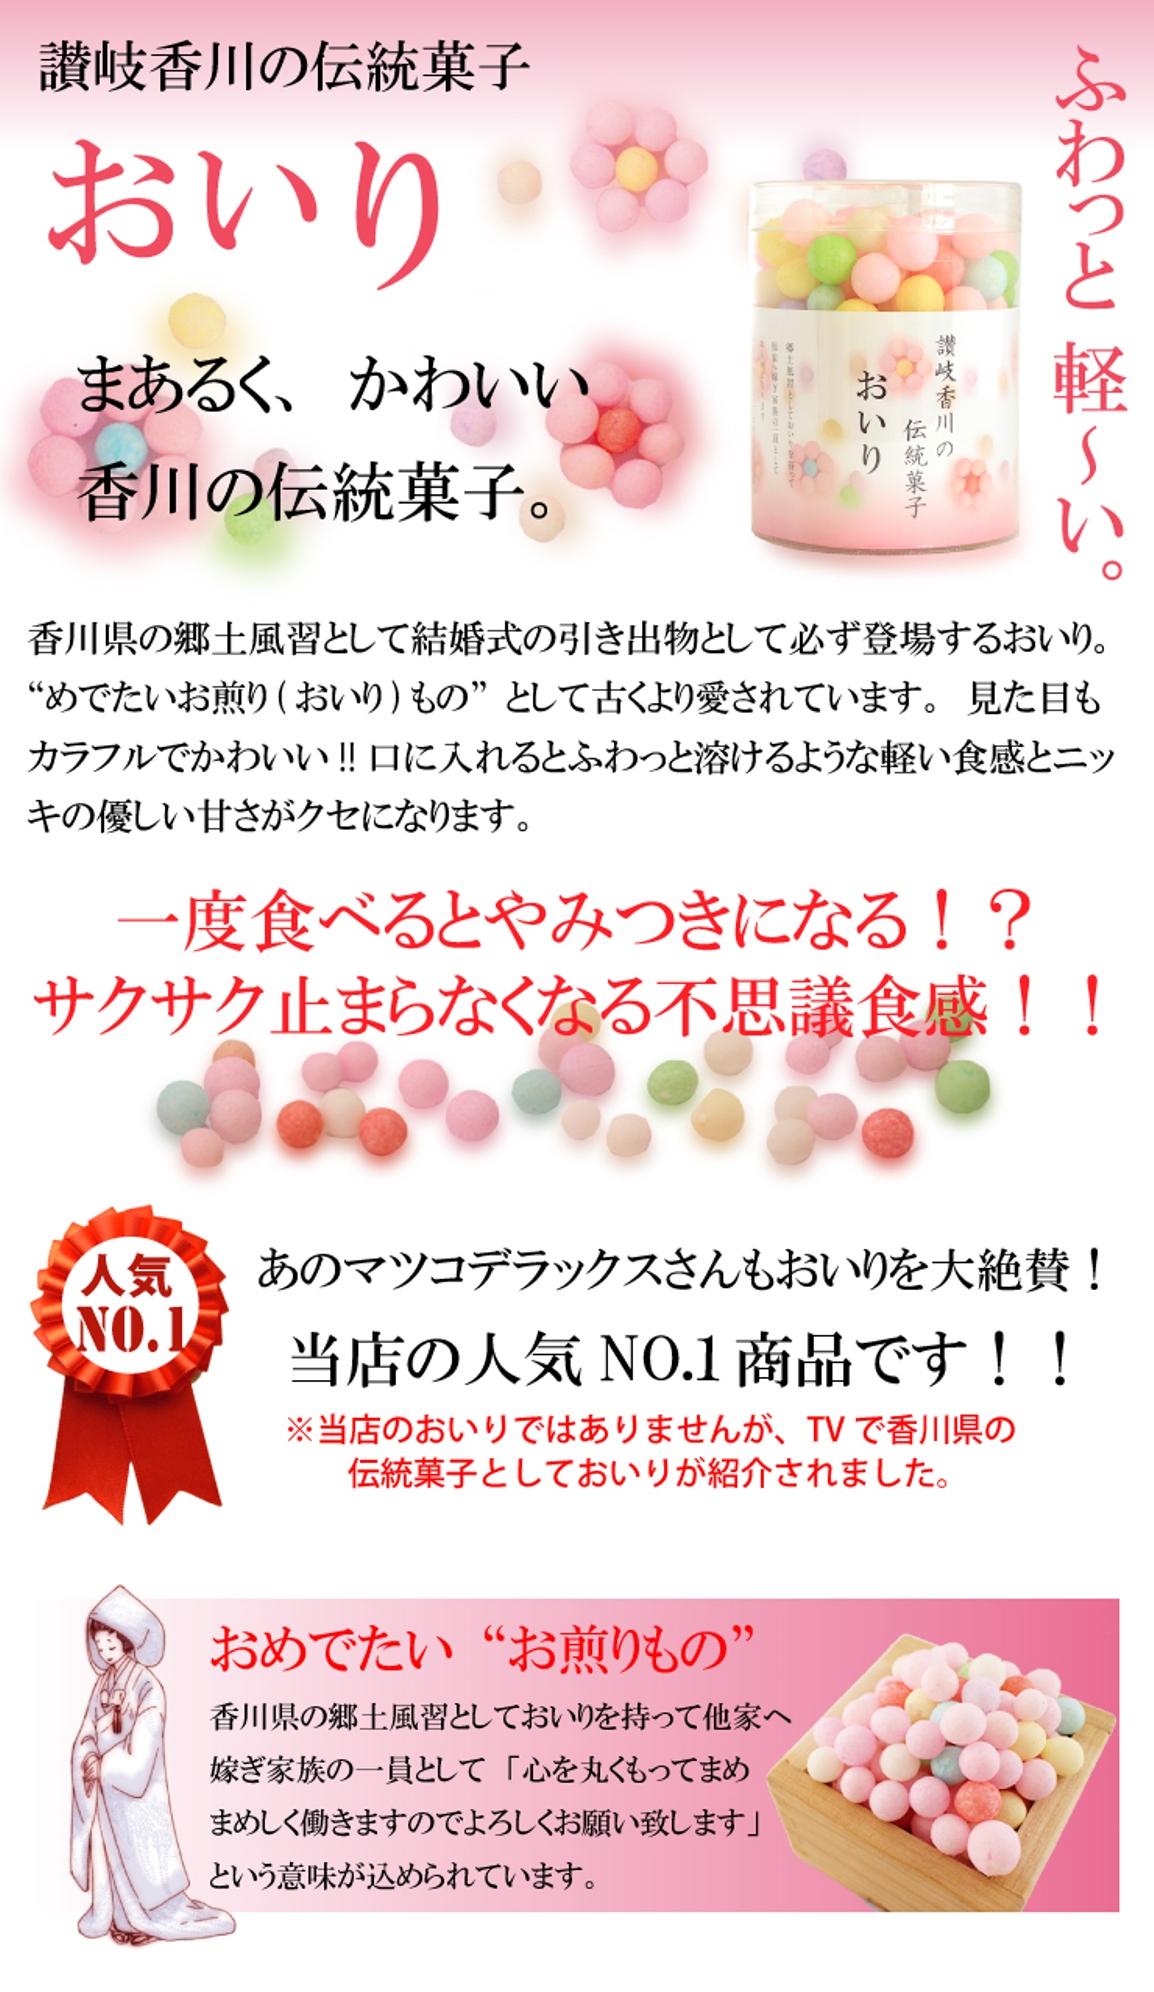 ニッキの香りのカラフルなおいり。西讃地方に伝わるお嫁入りのお祝い菓子です。